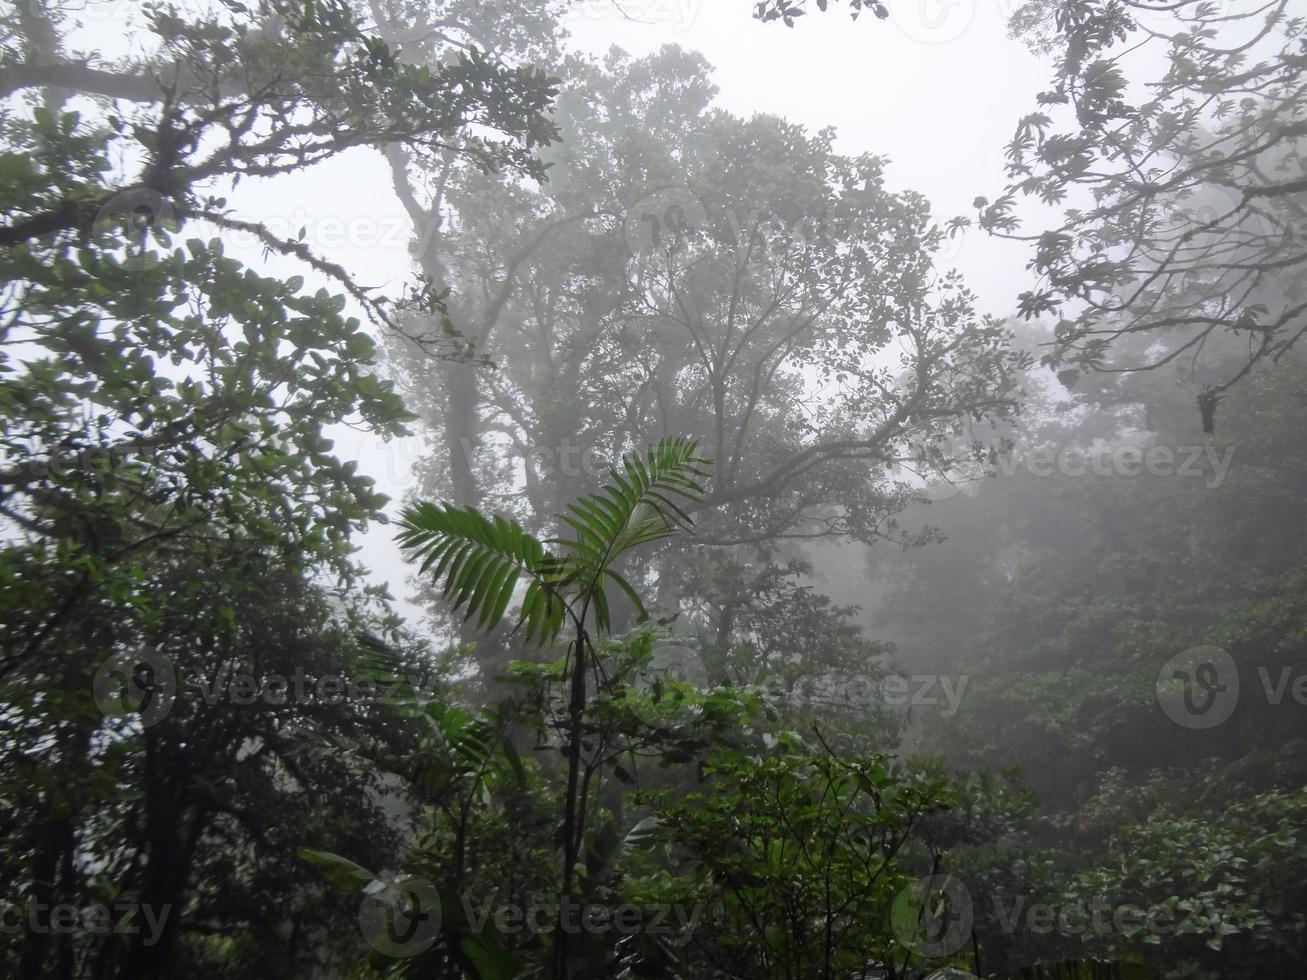 foresta pluviale del costa rica foto